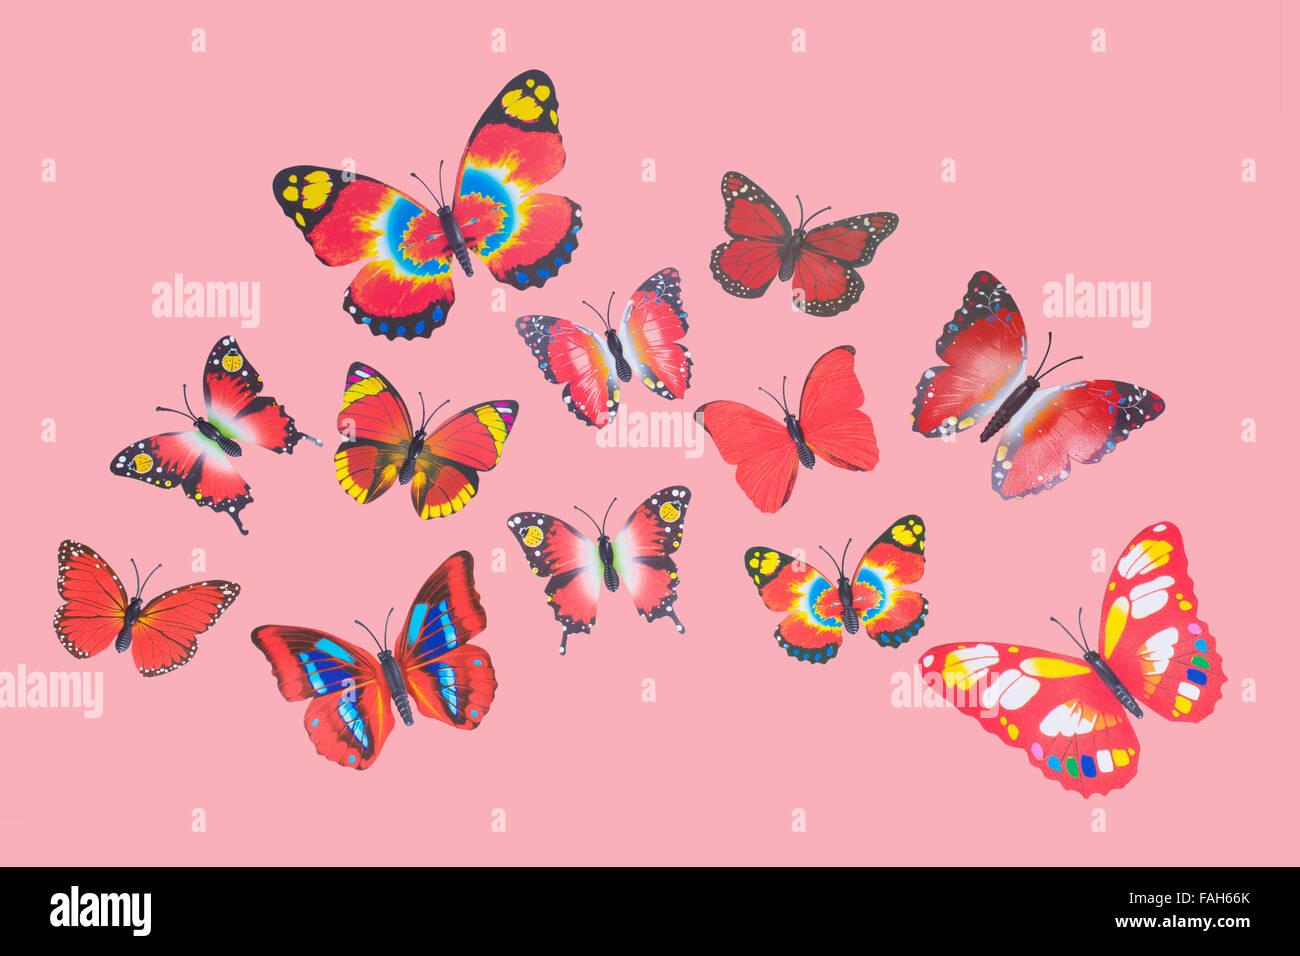 Colección de mariposas fantasía Roja Galería de imágenes Imagen De Stock